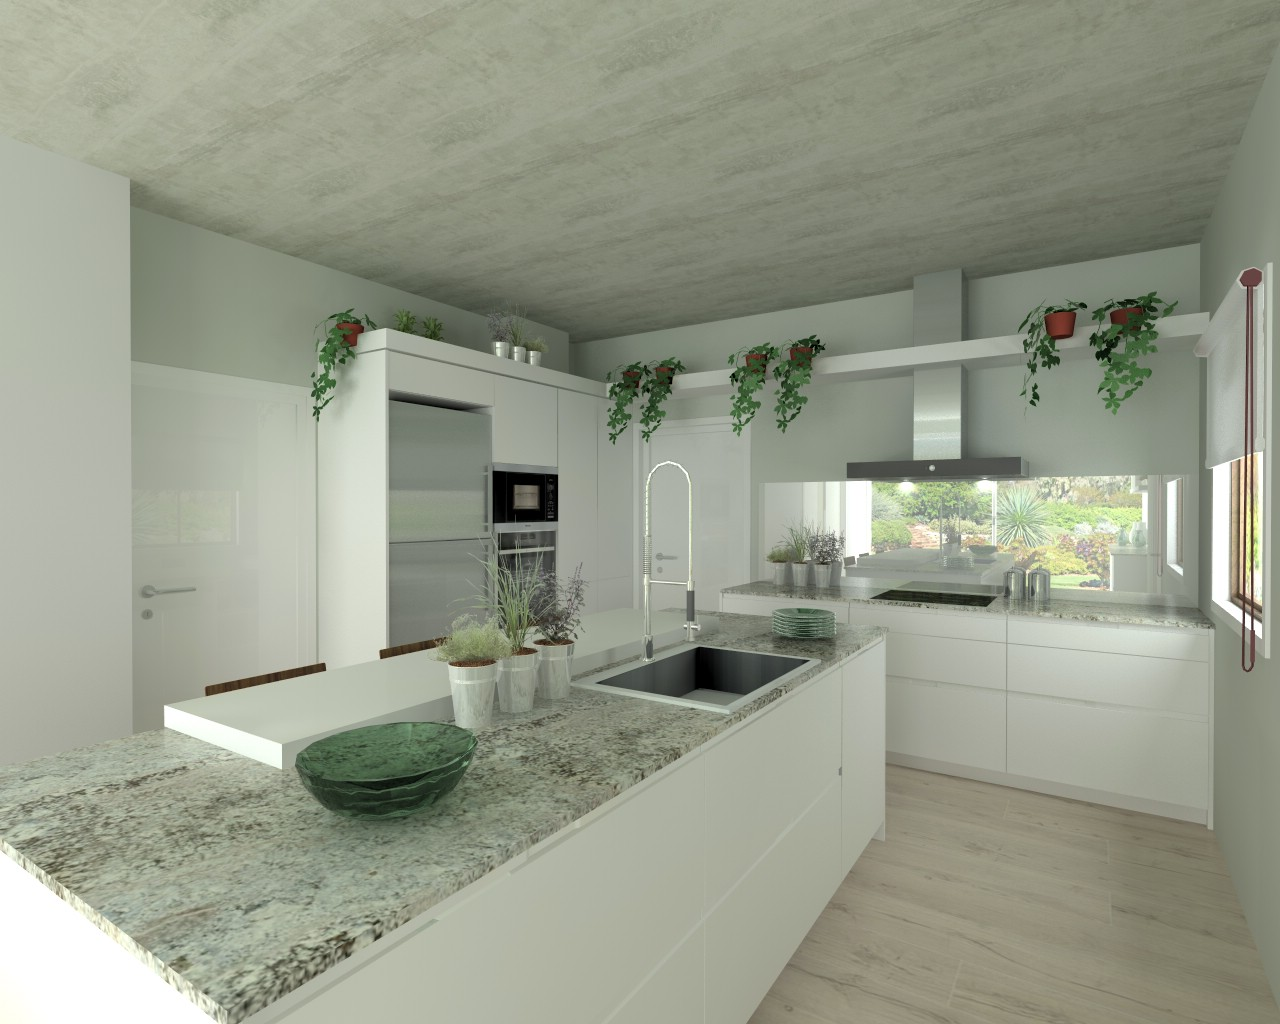 Cocina santos modelo intra l laminado blanco nieve - Encimera de cocina ...